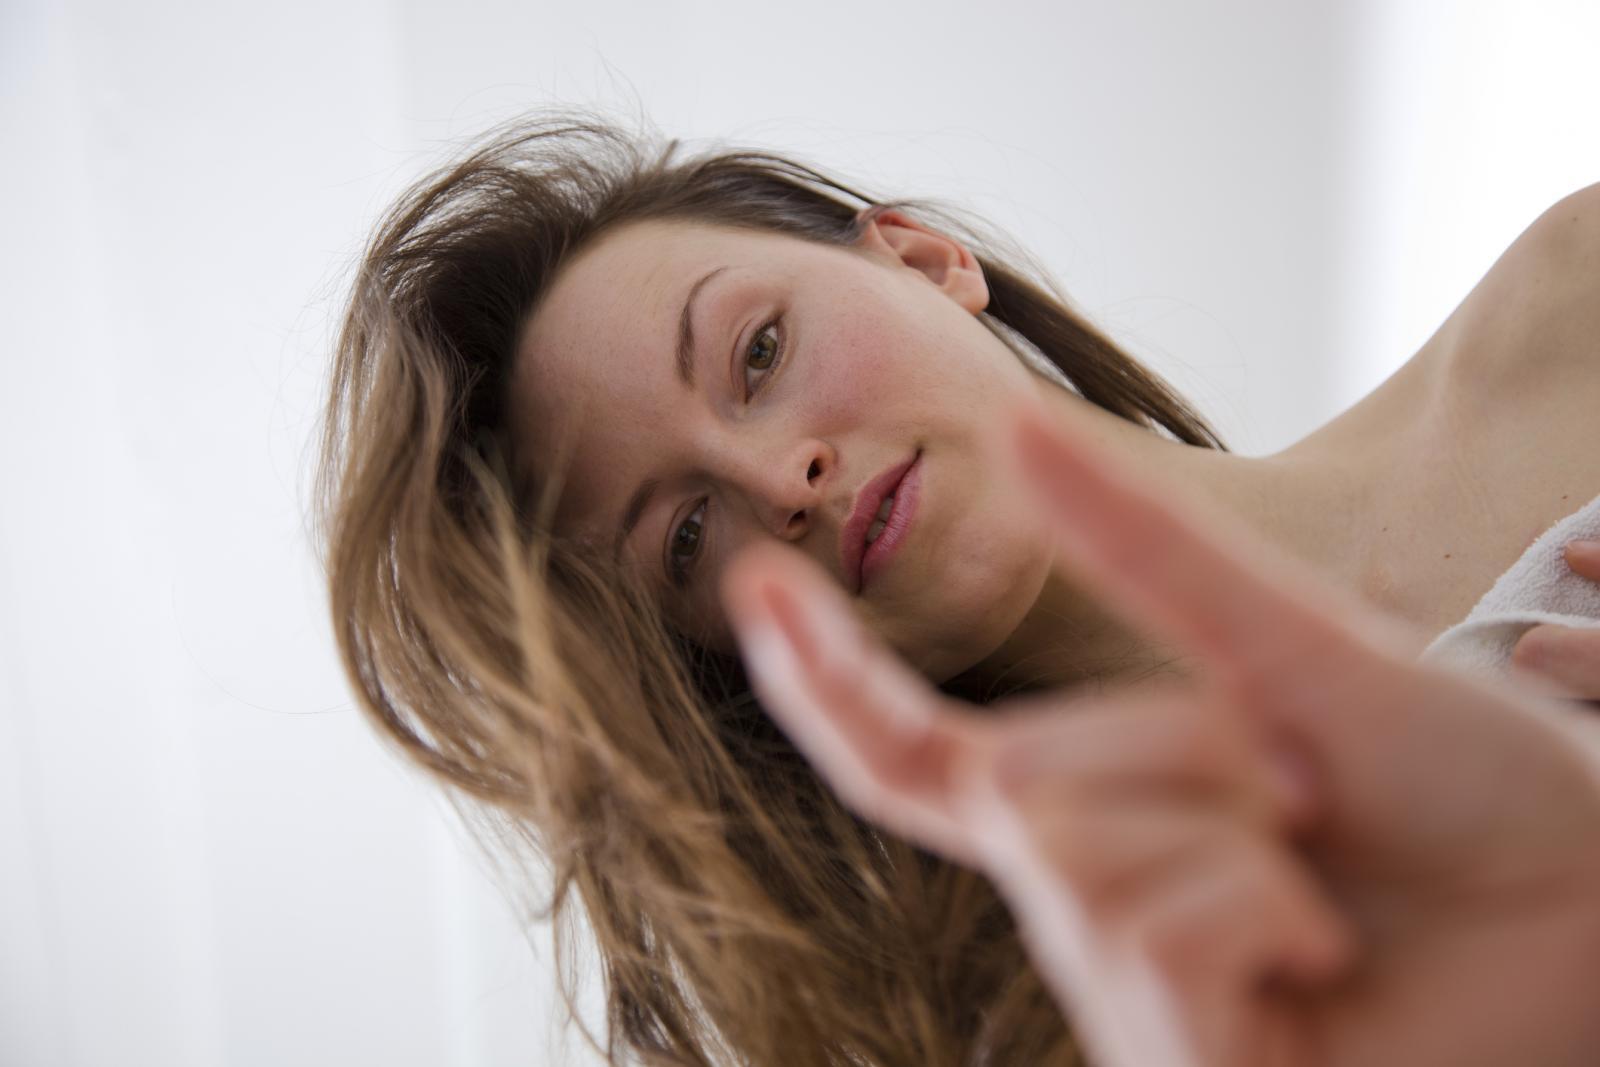 Više od 90 posto muškaraca spada u prosjek prema duljini penisa.